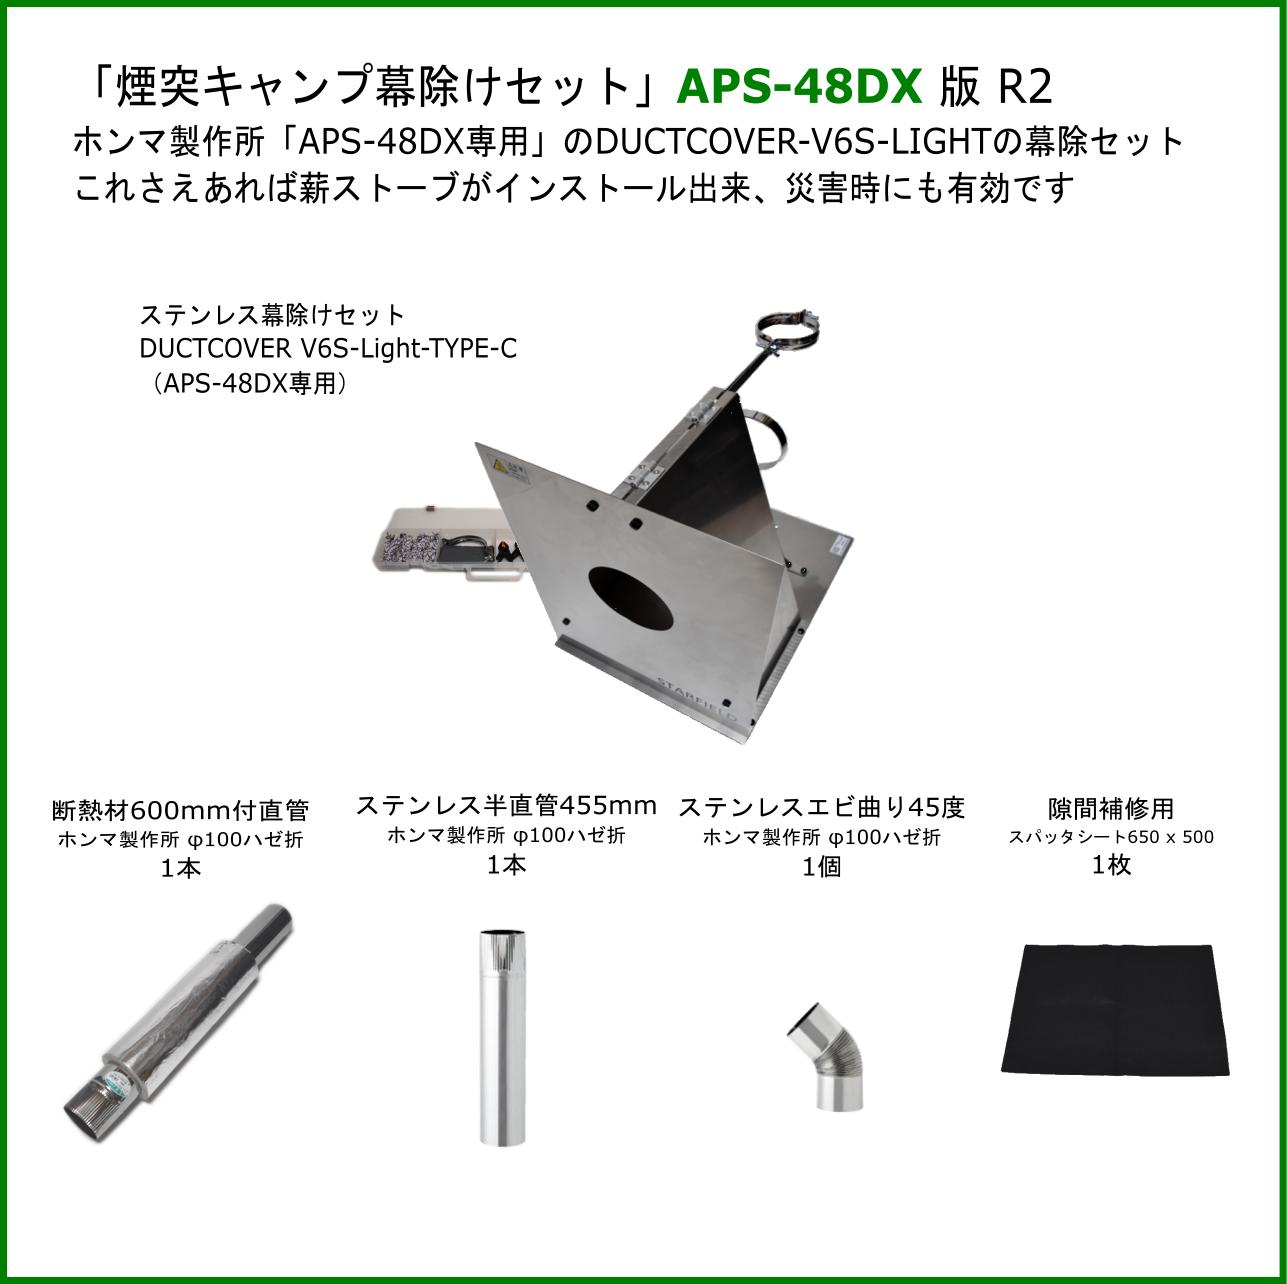 ホンマ製作所 APS-48DX版R2「煙突キャンプ幕除け+煙突セット」